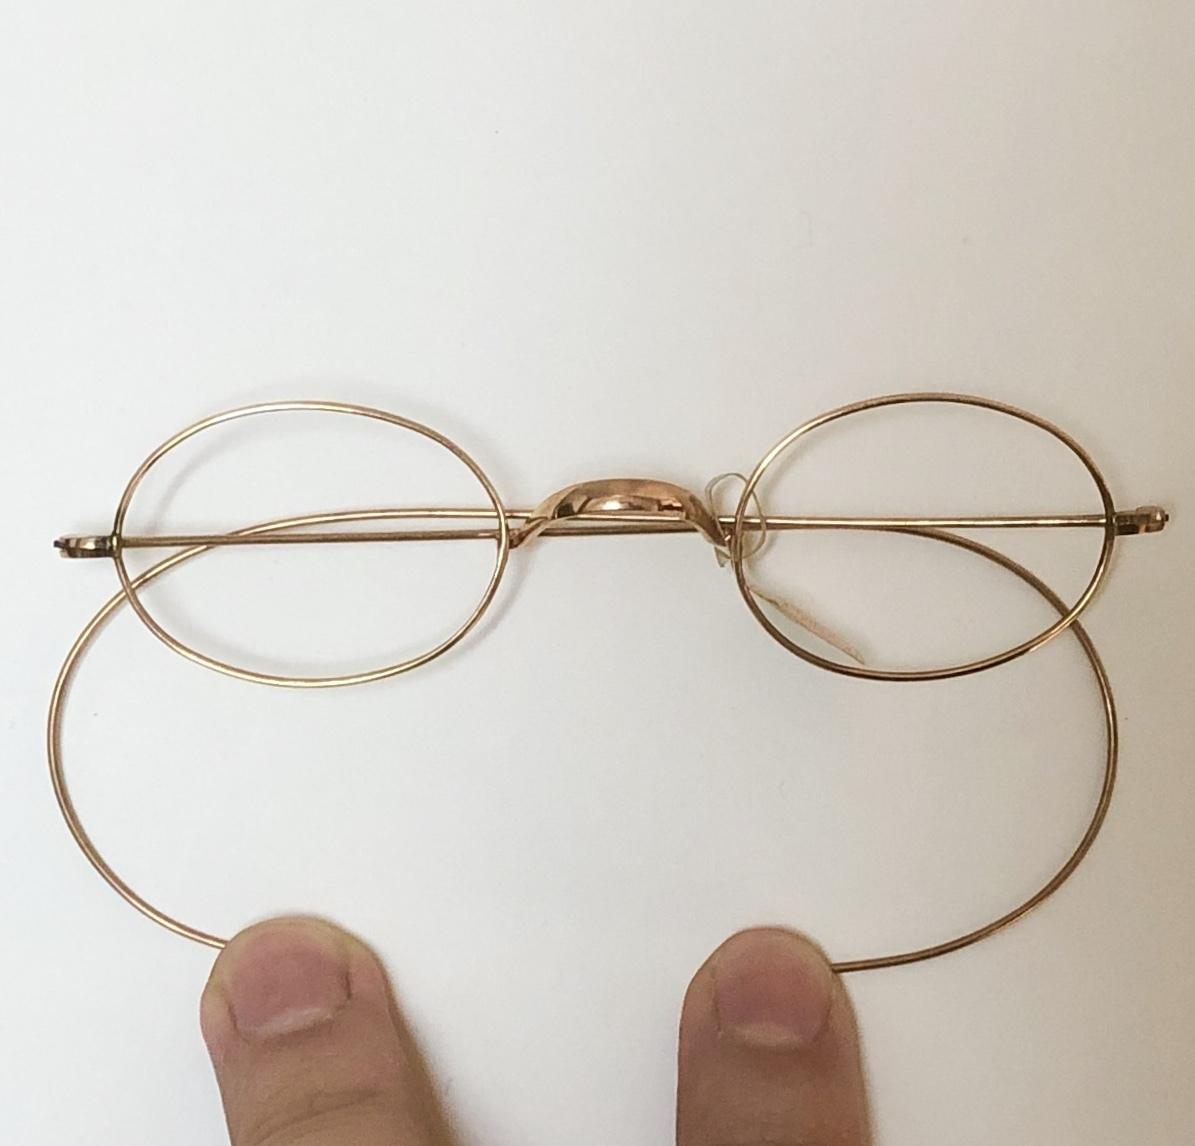 新品・AO10K金張 純正メガネ 1870~1910年代頃 American Optical アメリカンオプティカル 米国ブランド ビンテージ / ヴィンテージ_画像9